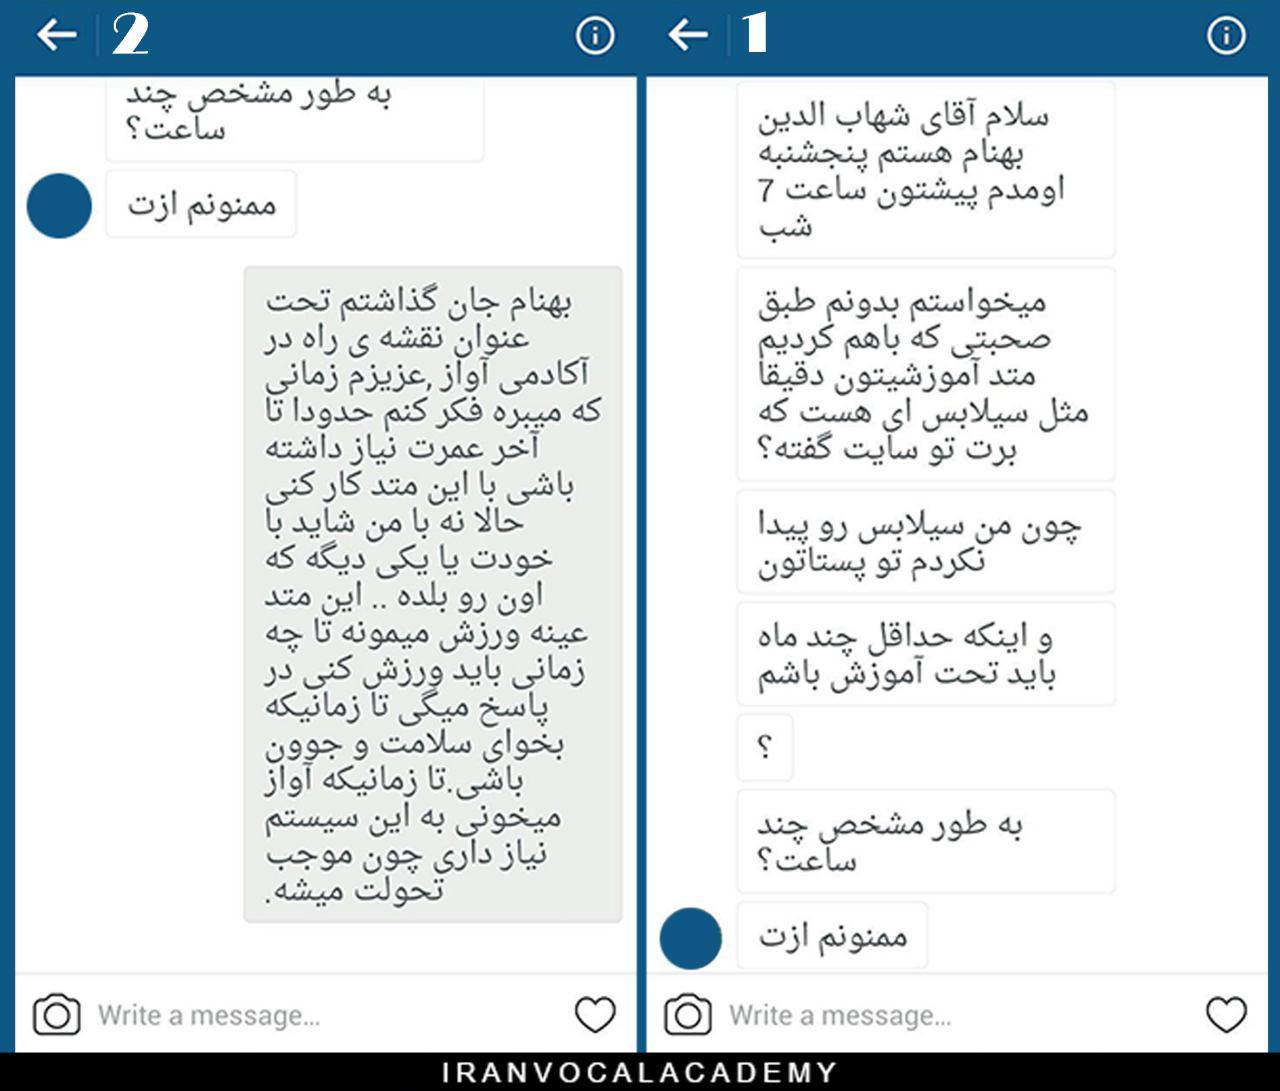 ایران وکال